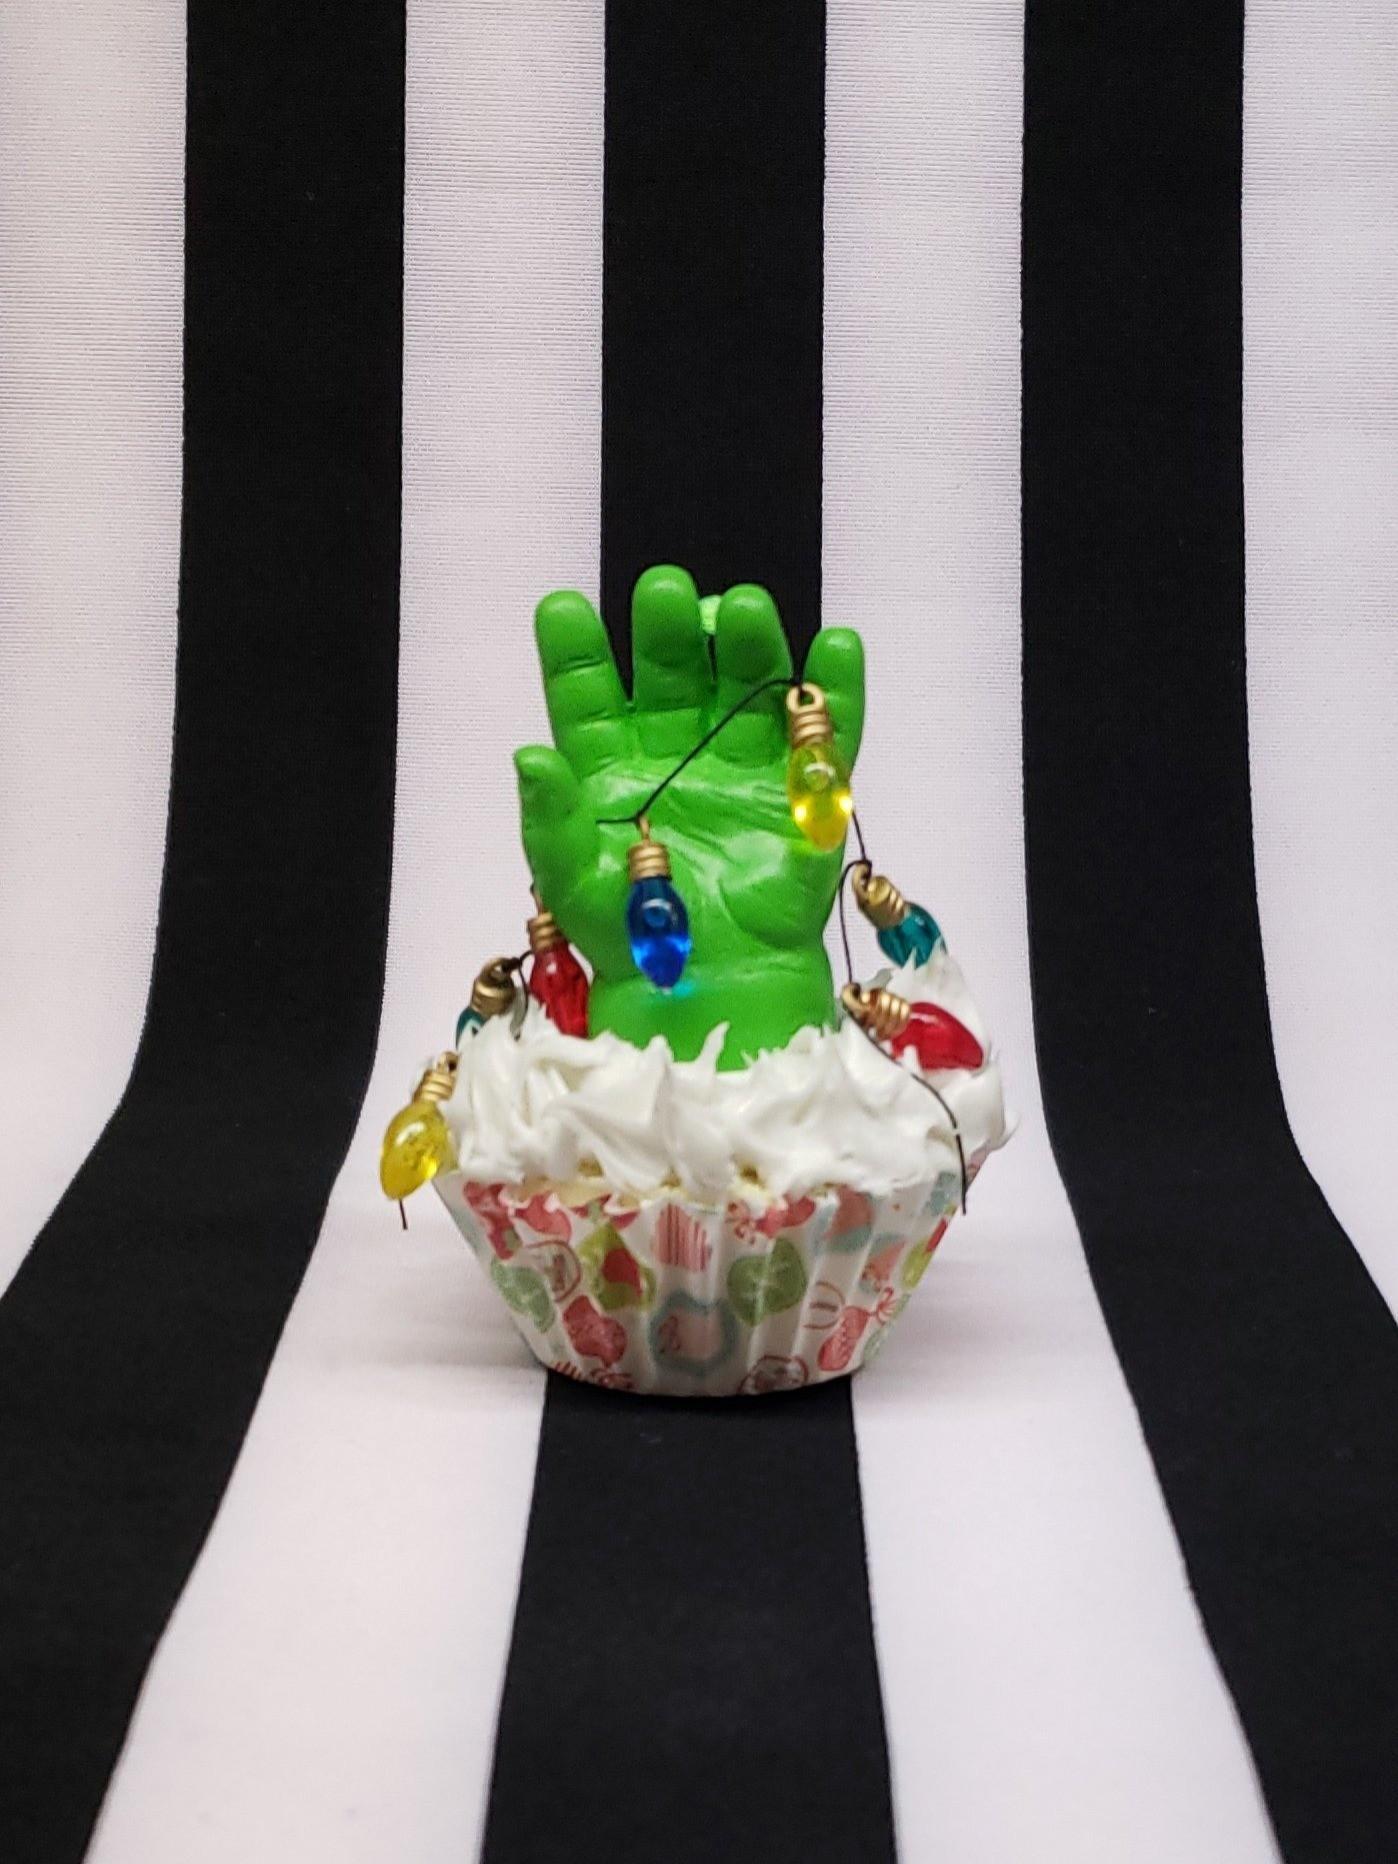 Как тебе такое украшение для стола – мощная рука зомби, которая разрывает капкейк изнутри? Разноцветные лампочки придают этому украшению веселое новогоднее настроение. Повесь его на самое...